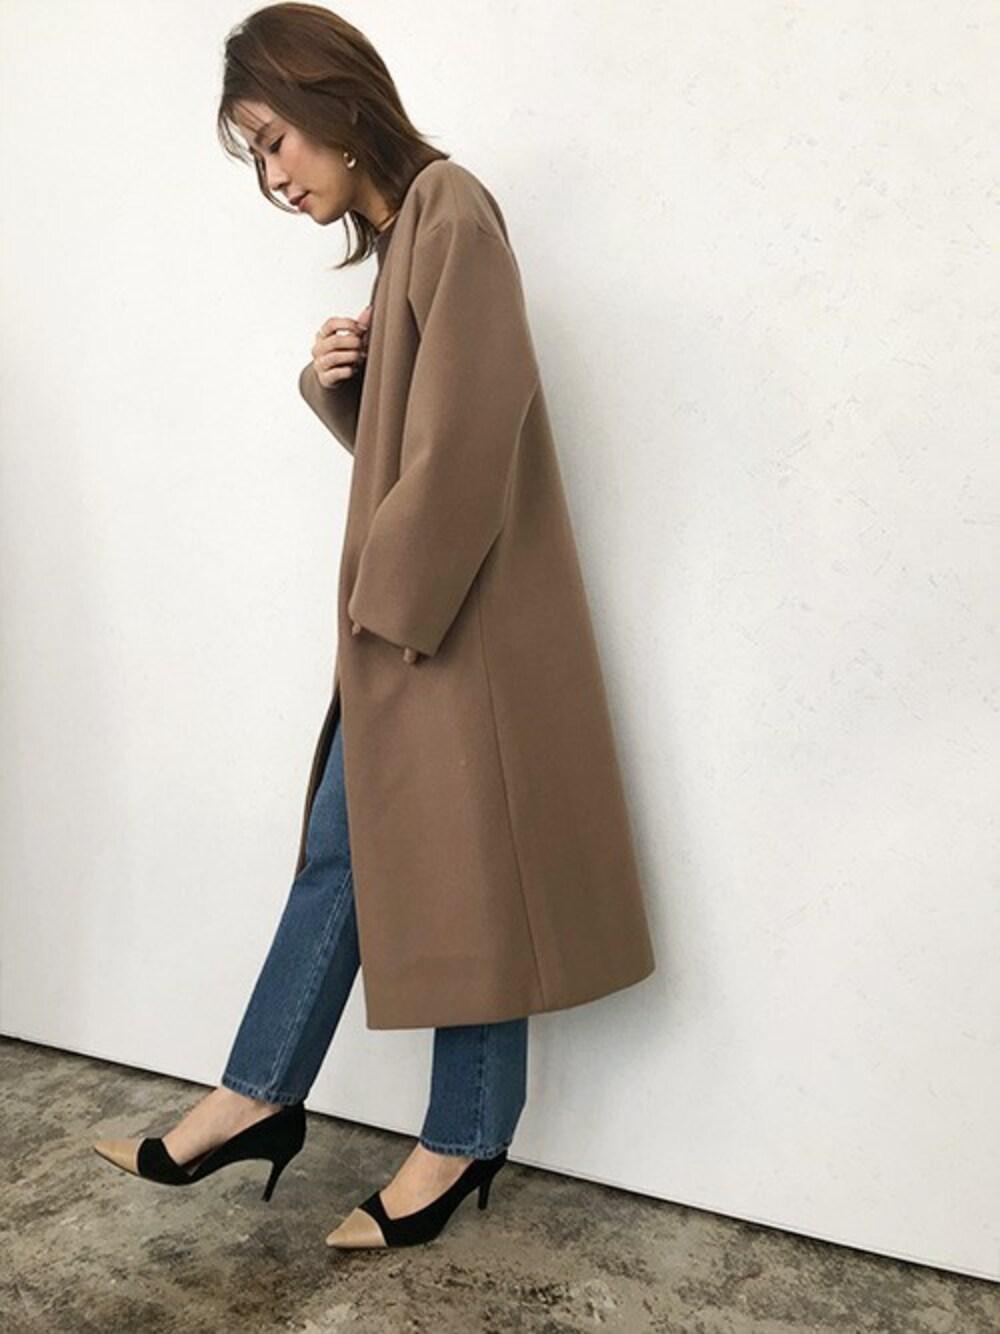 キレイめカジュアル 30代 オフィスカジュアル ファッション